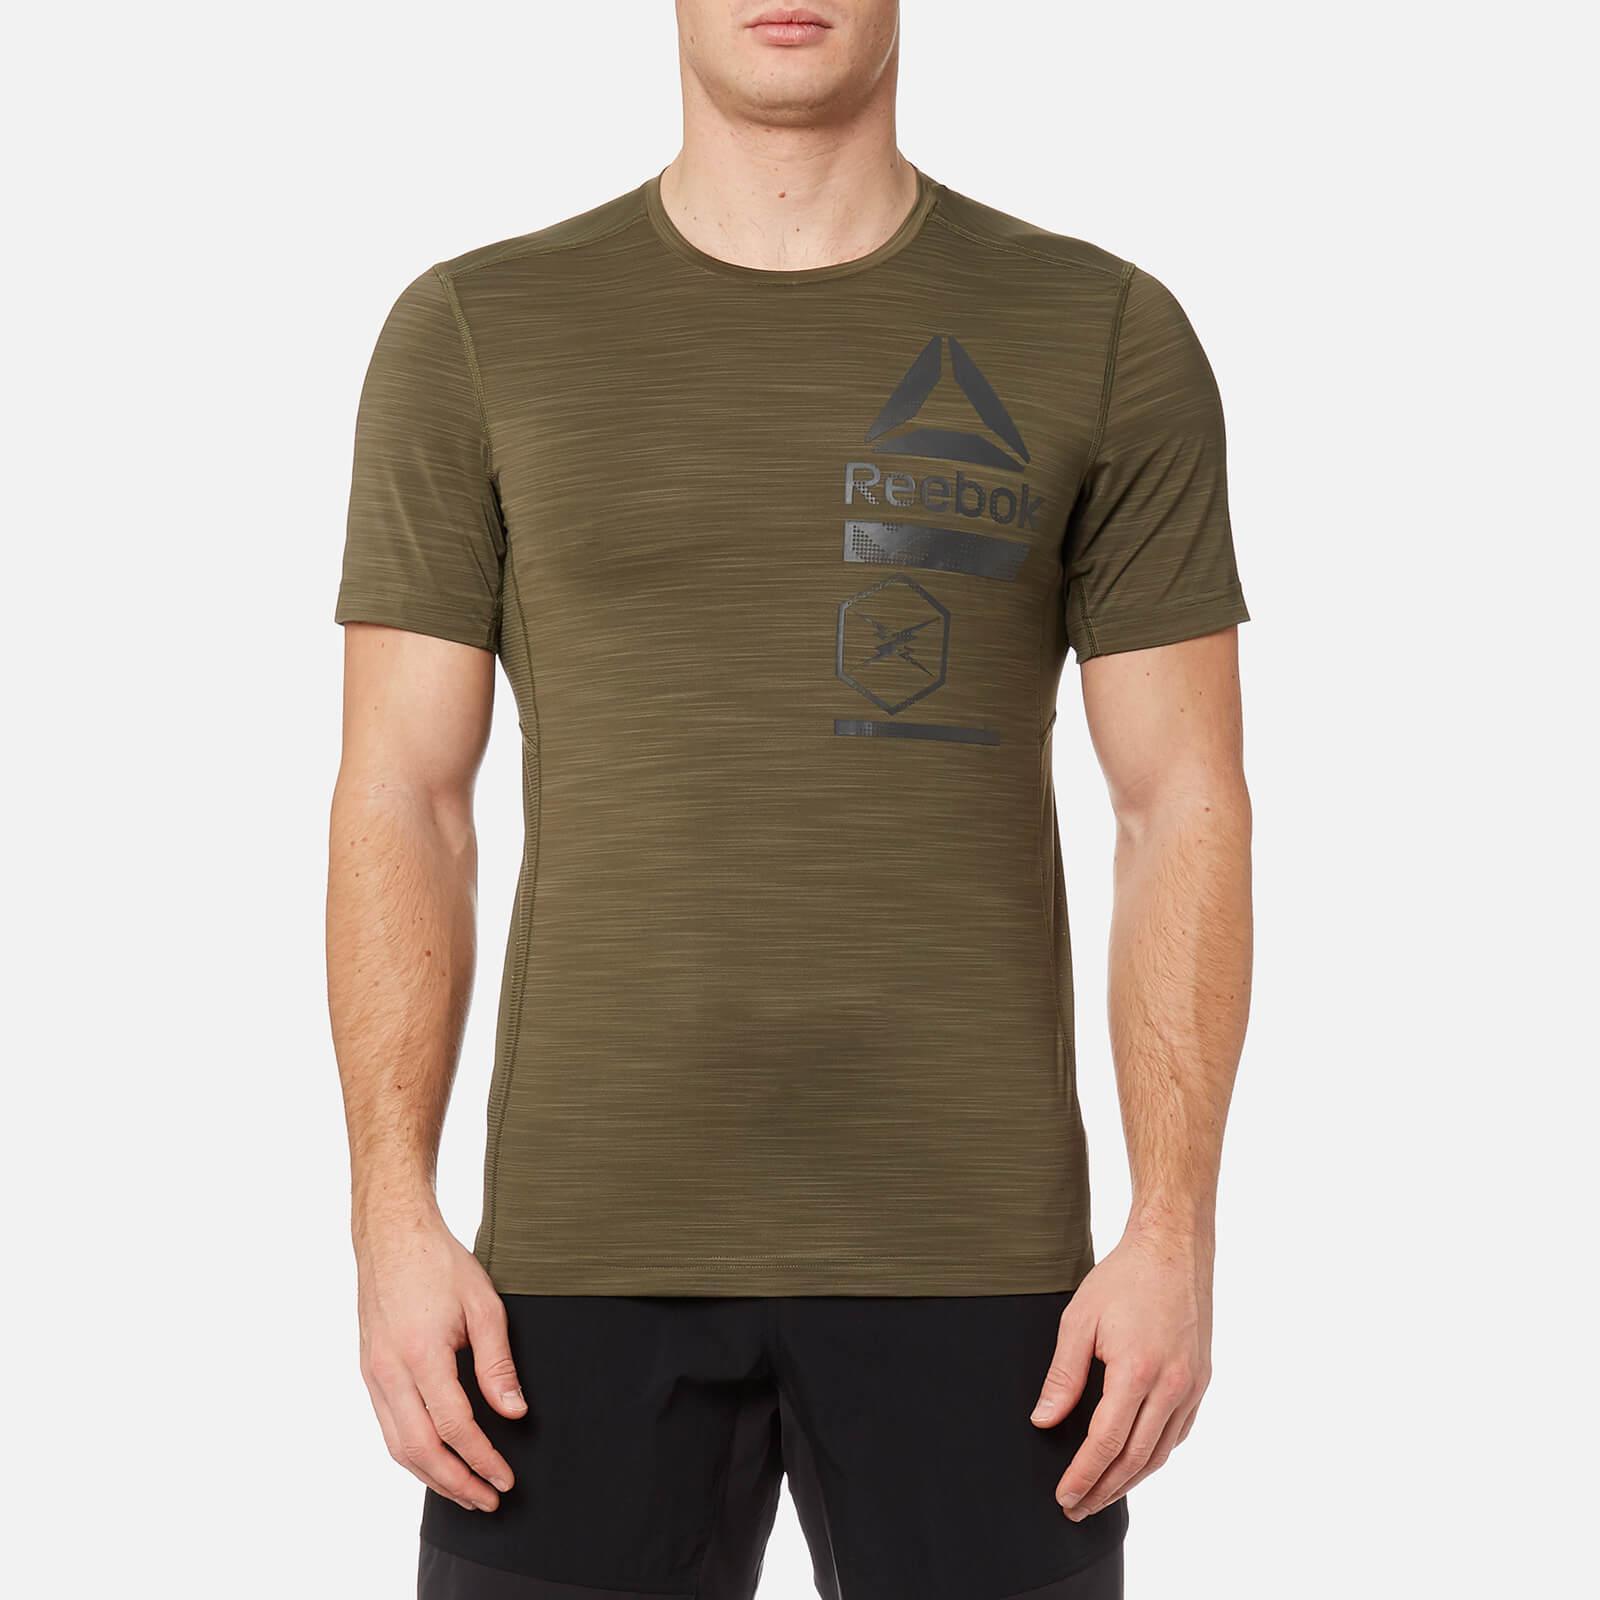 332164725d7e Reebok - Green Activchill Zoned Graphic Short Sleeve T-shirt for Men -  Lyst. View fullscreen